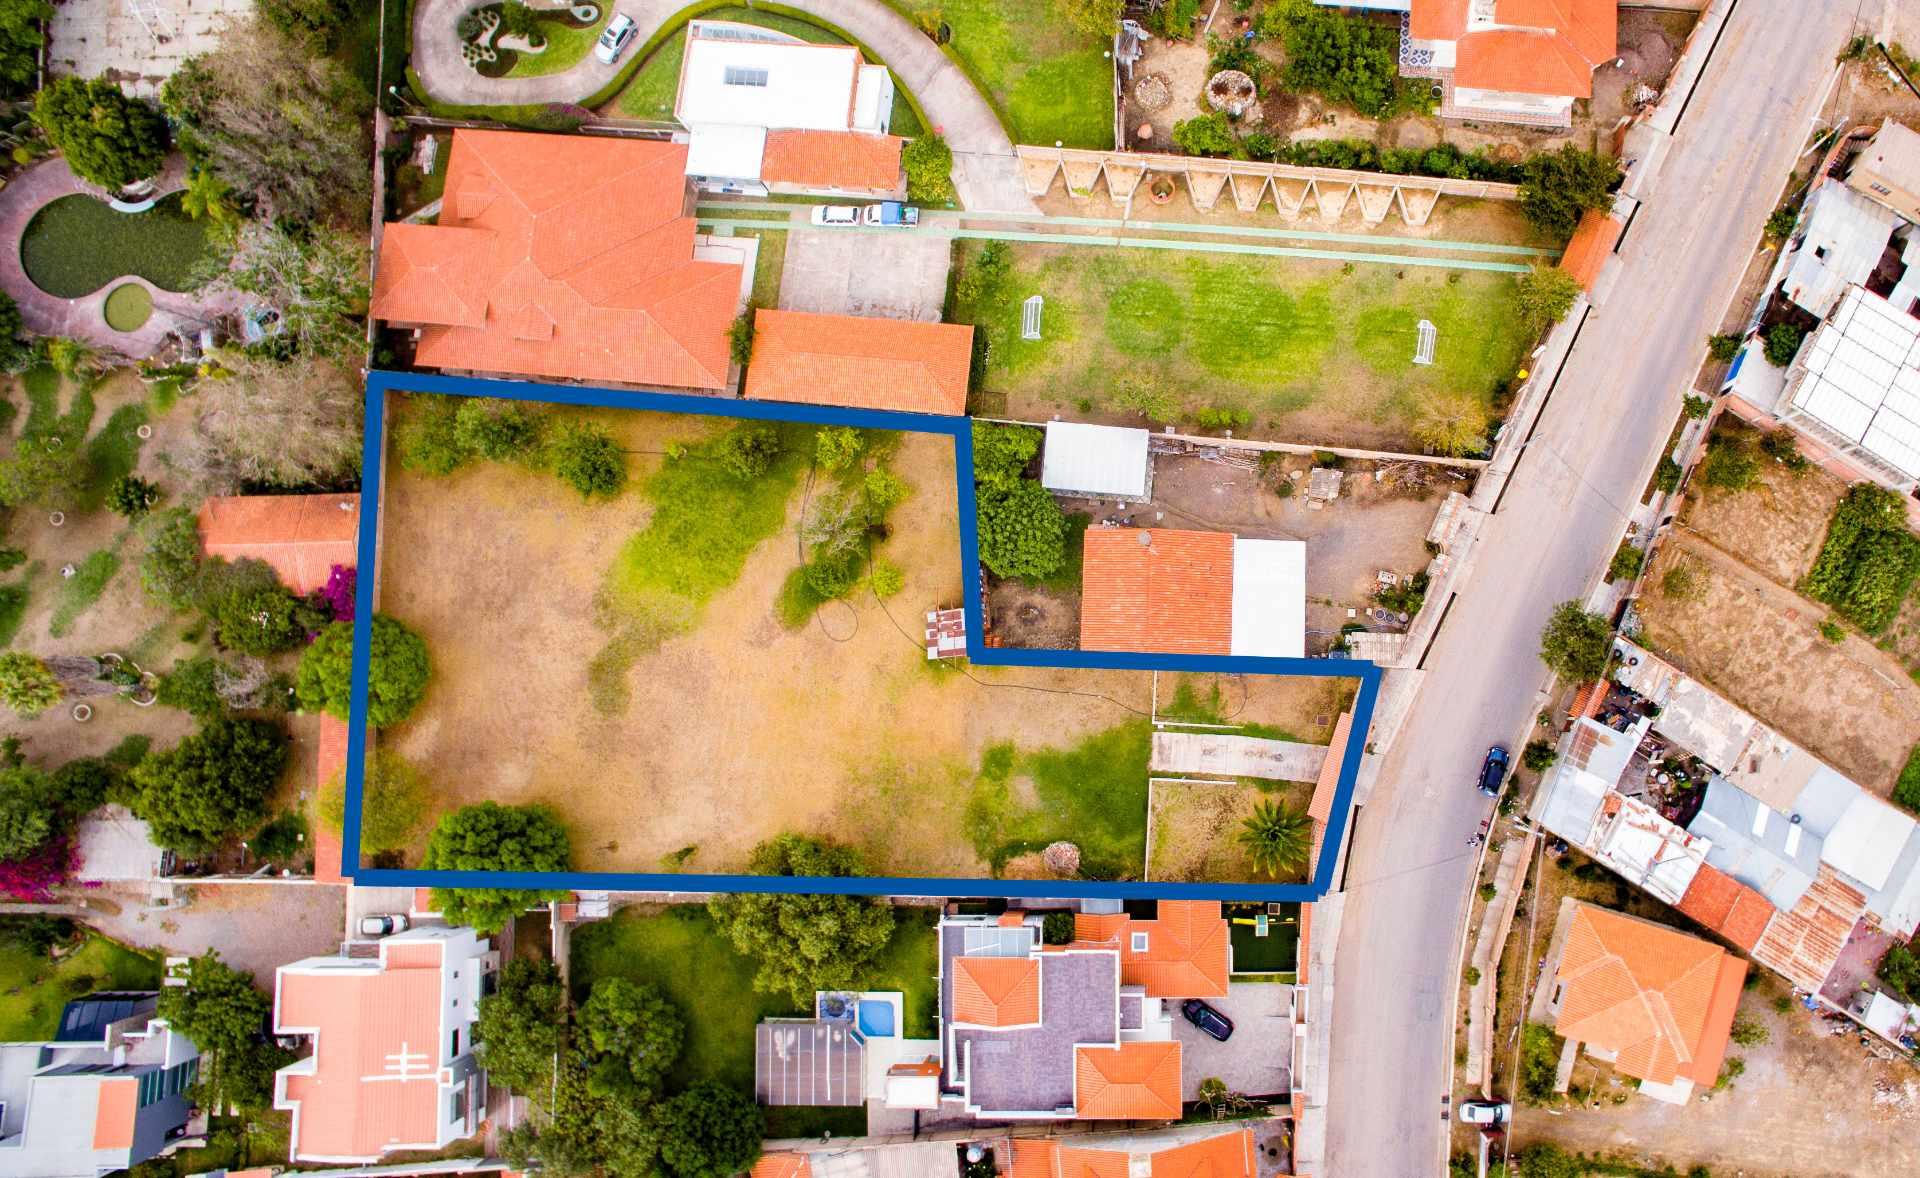 Terreno en Venta Av. Chilimarca 2 cuadras al norte de la circunvalacion Foto 4